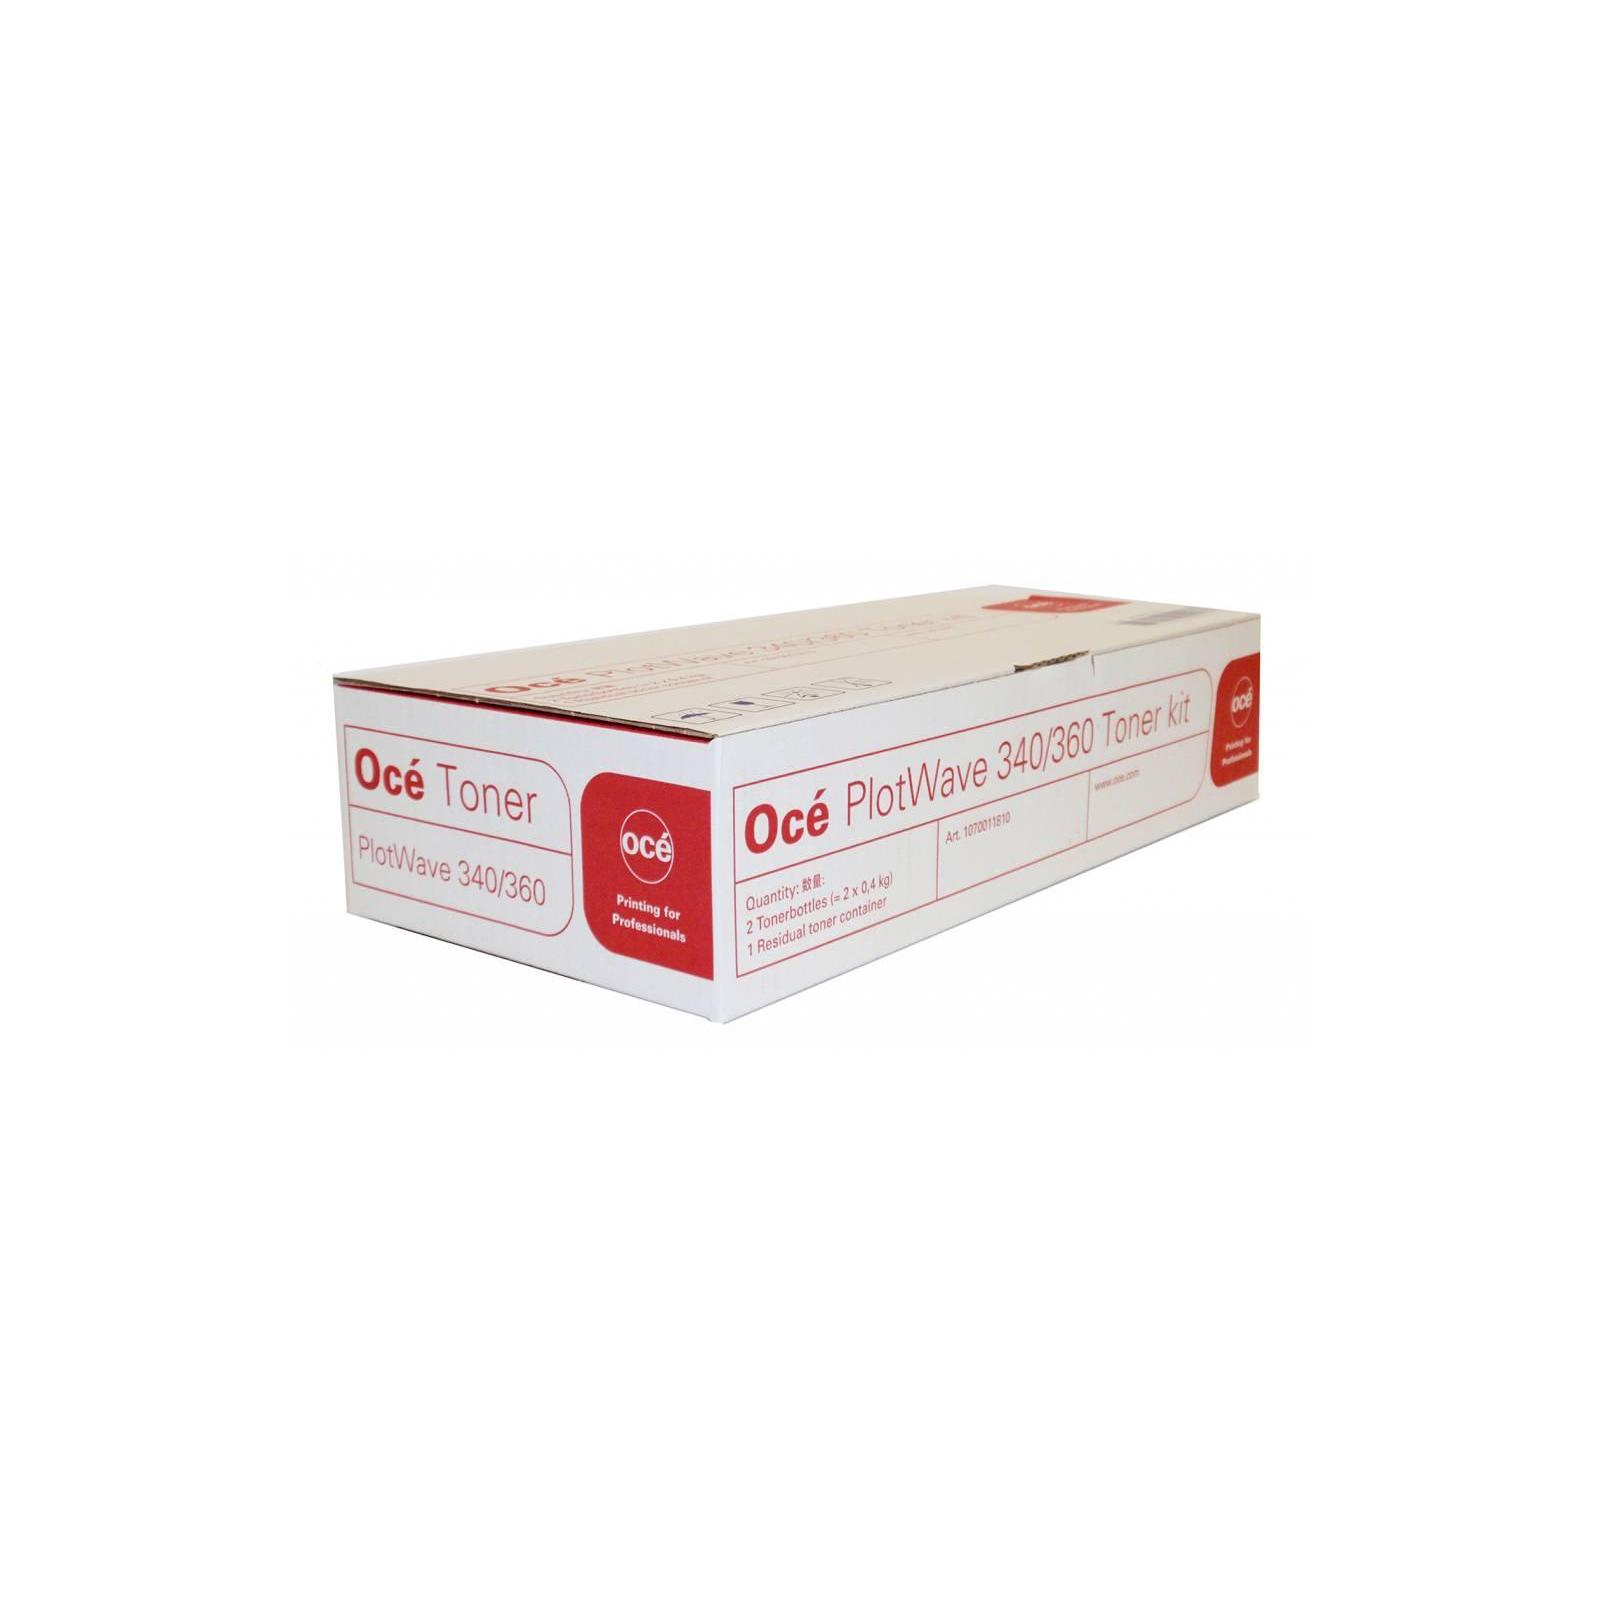 Тонер OCE PlotWave 340/360 KIT (2606737/6826B003)